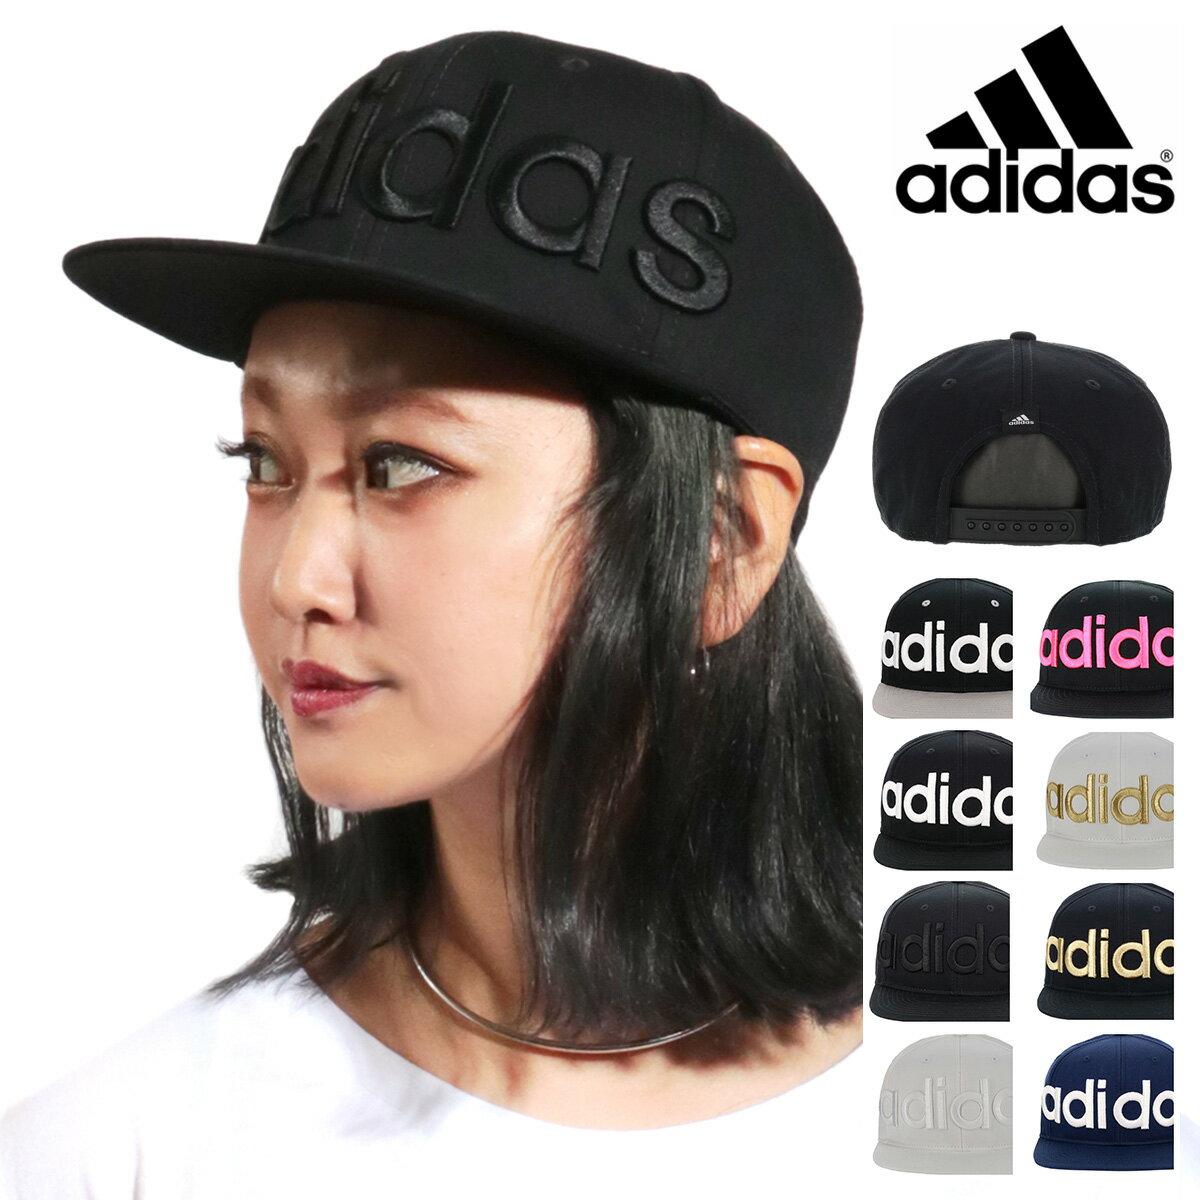 アディダス キャップ 151111017 adidas 帽子 コットン メンズ レディース[bef][PO5][即日発送]